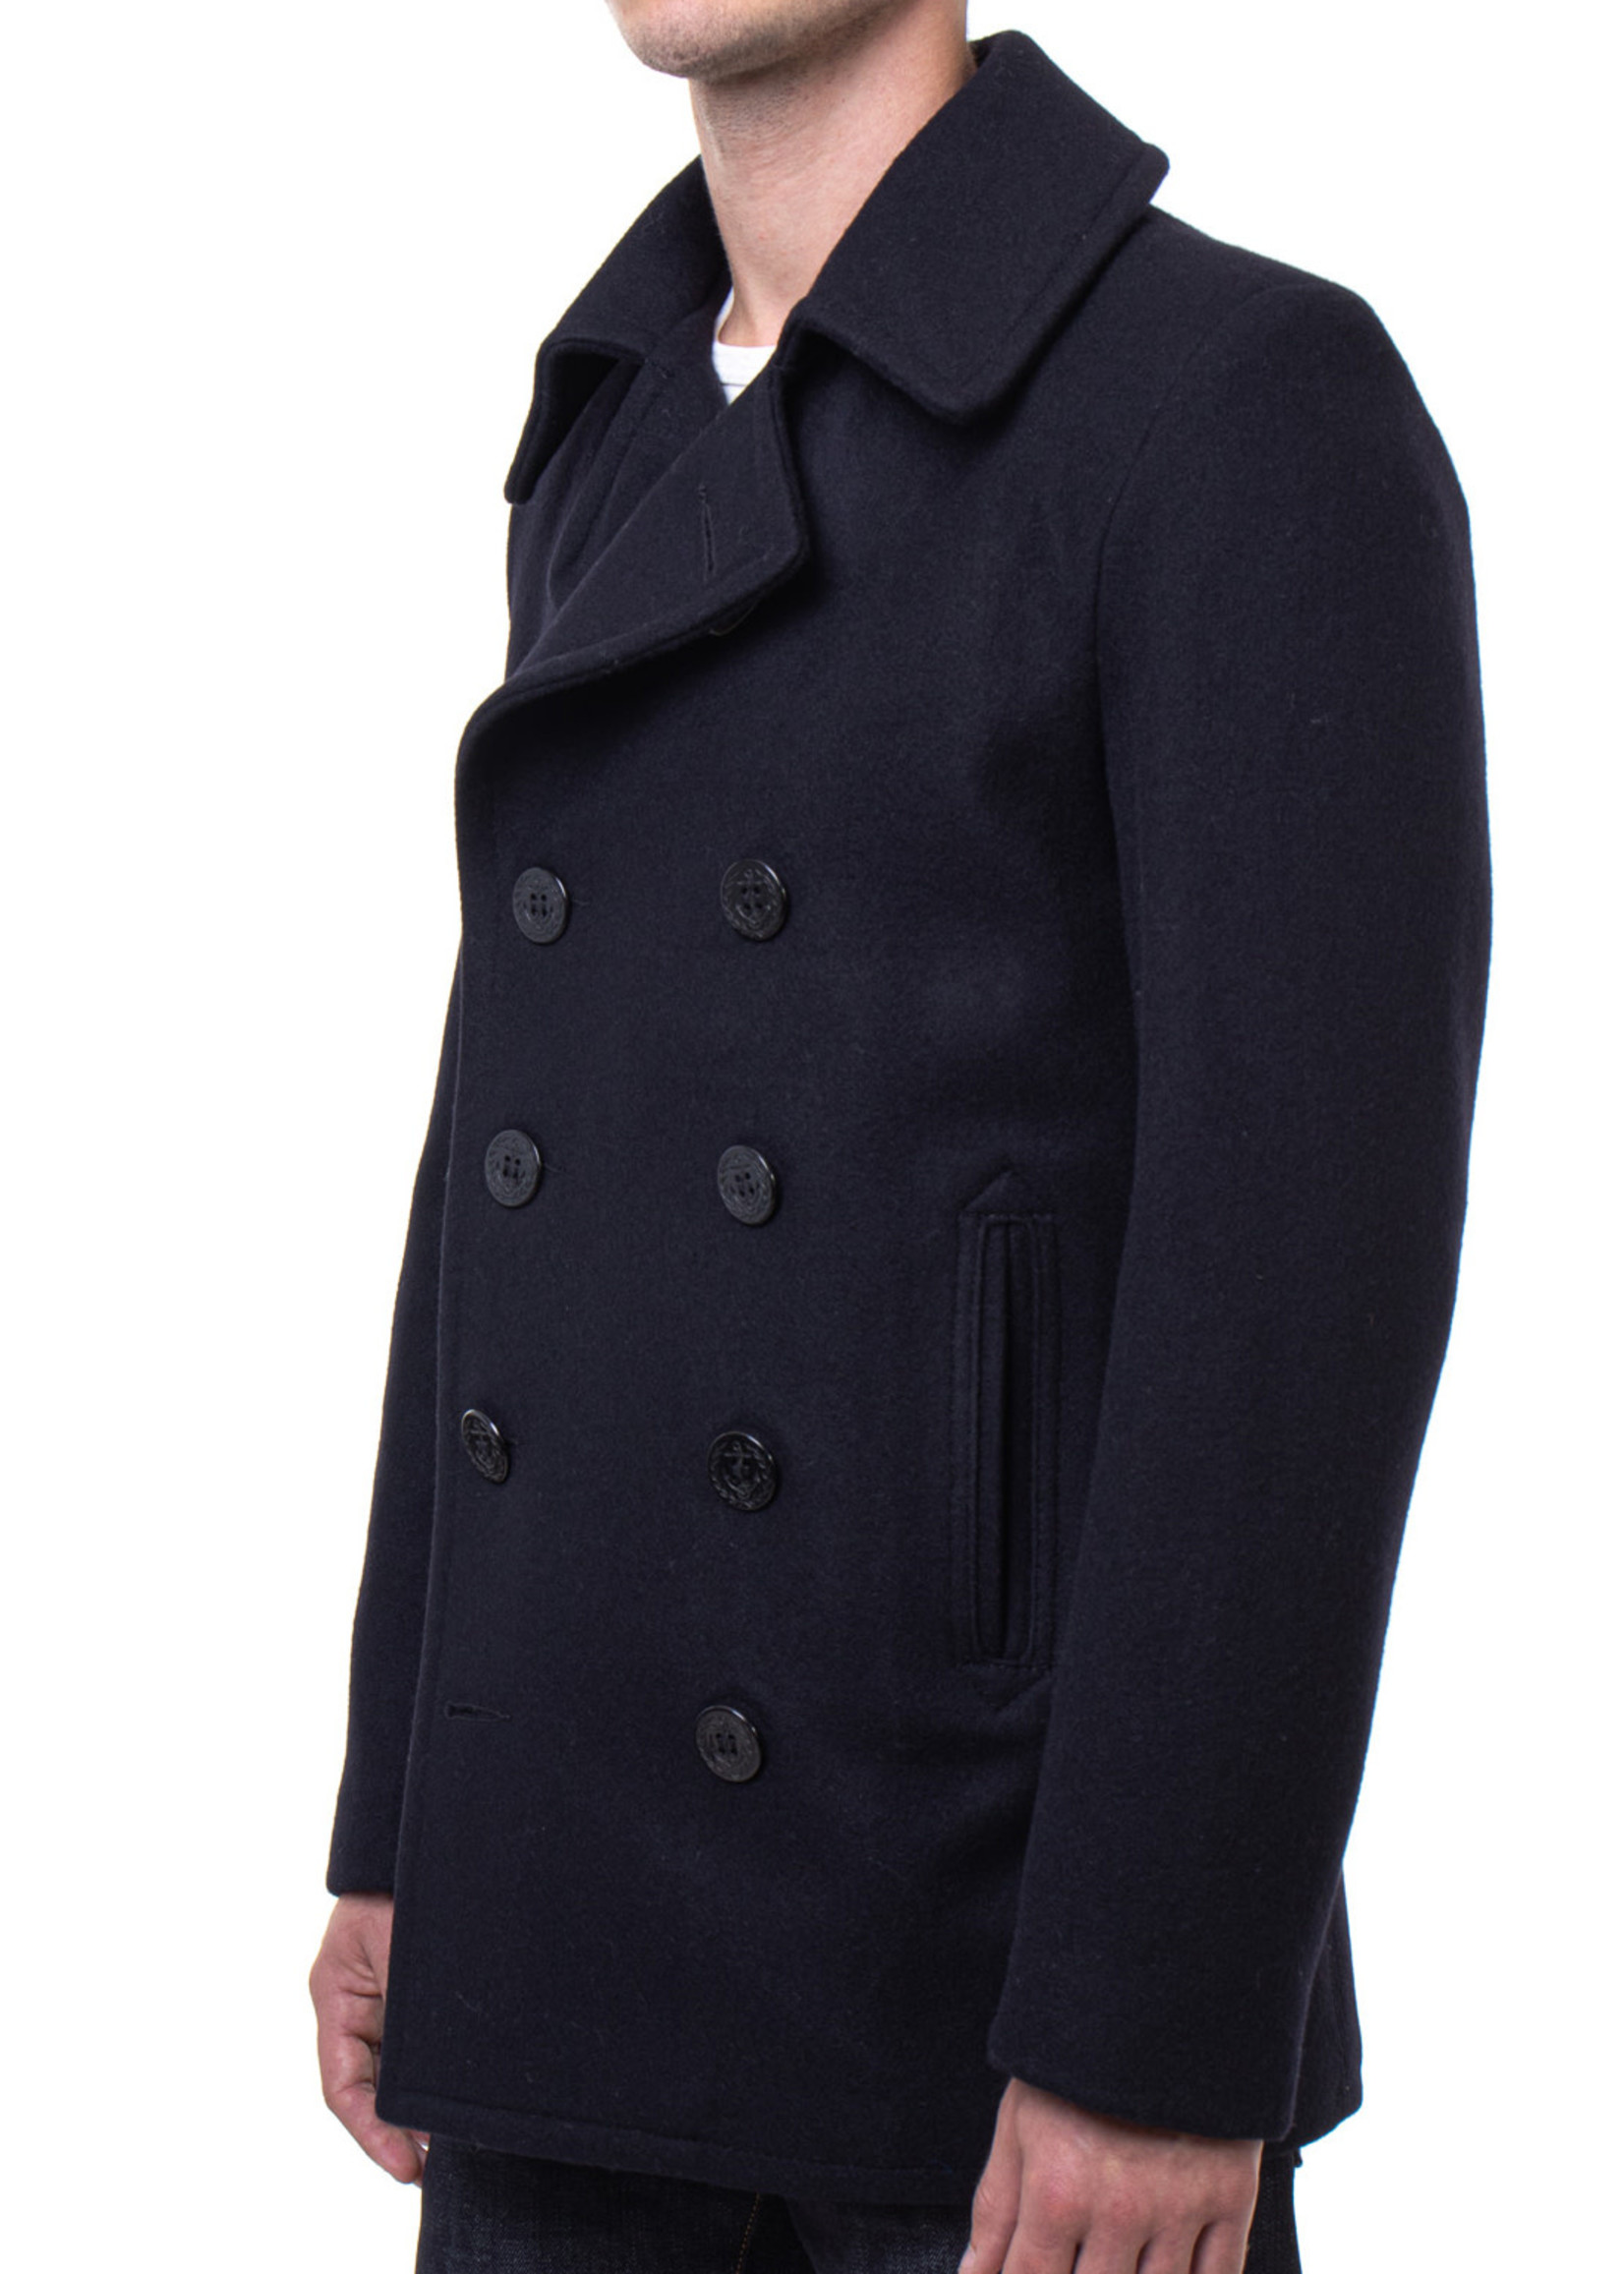 Navy Melton Wool Peacoat by Schott